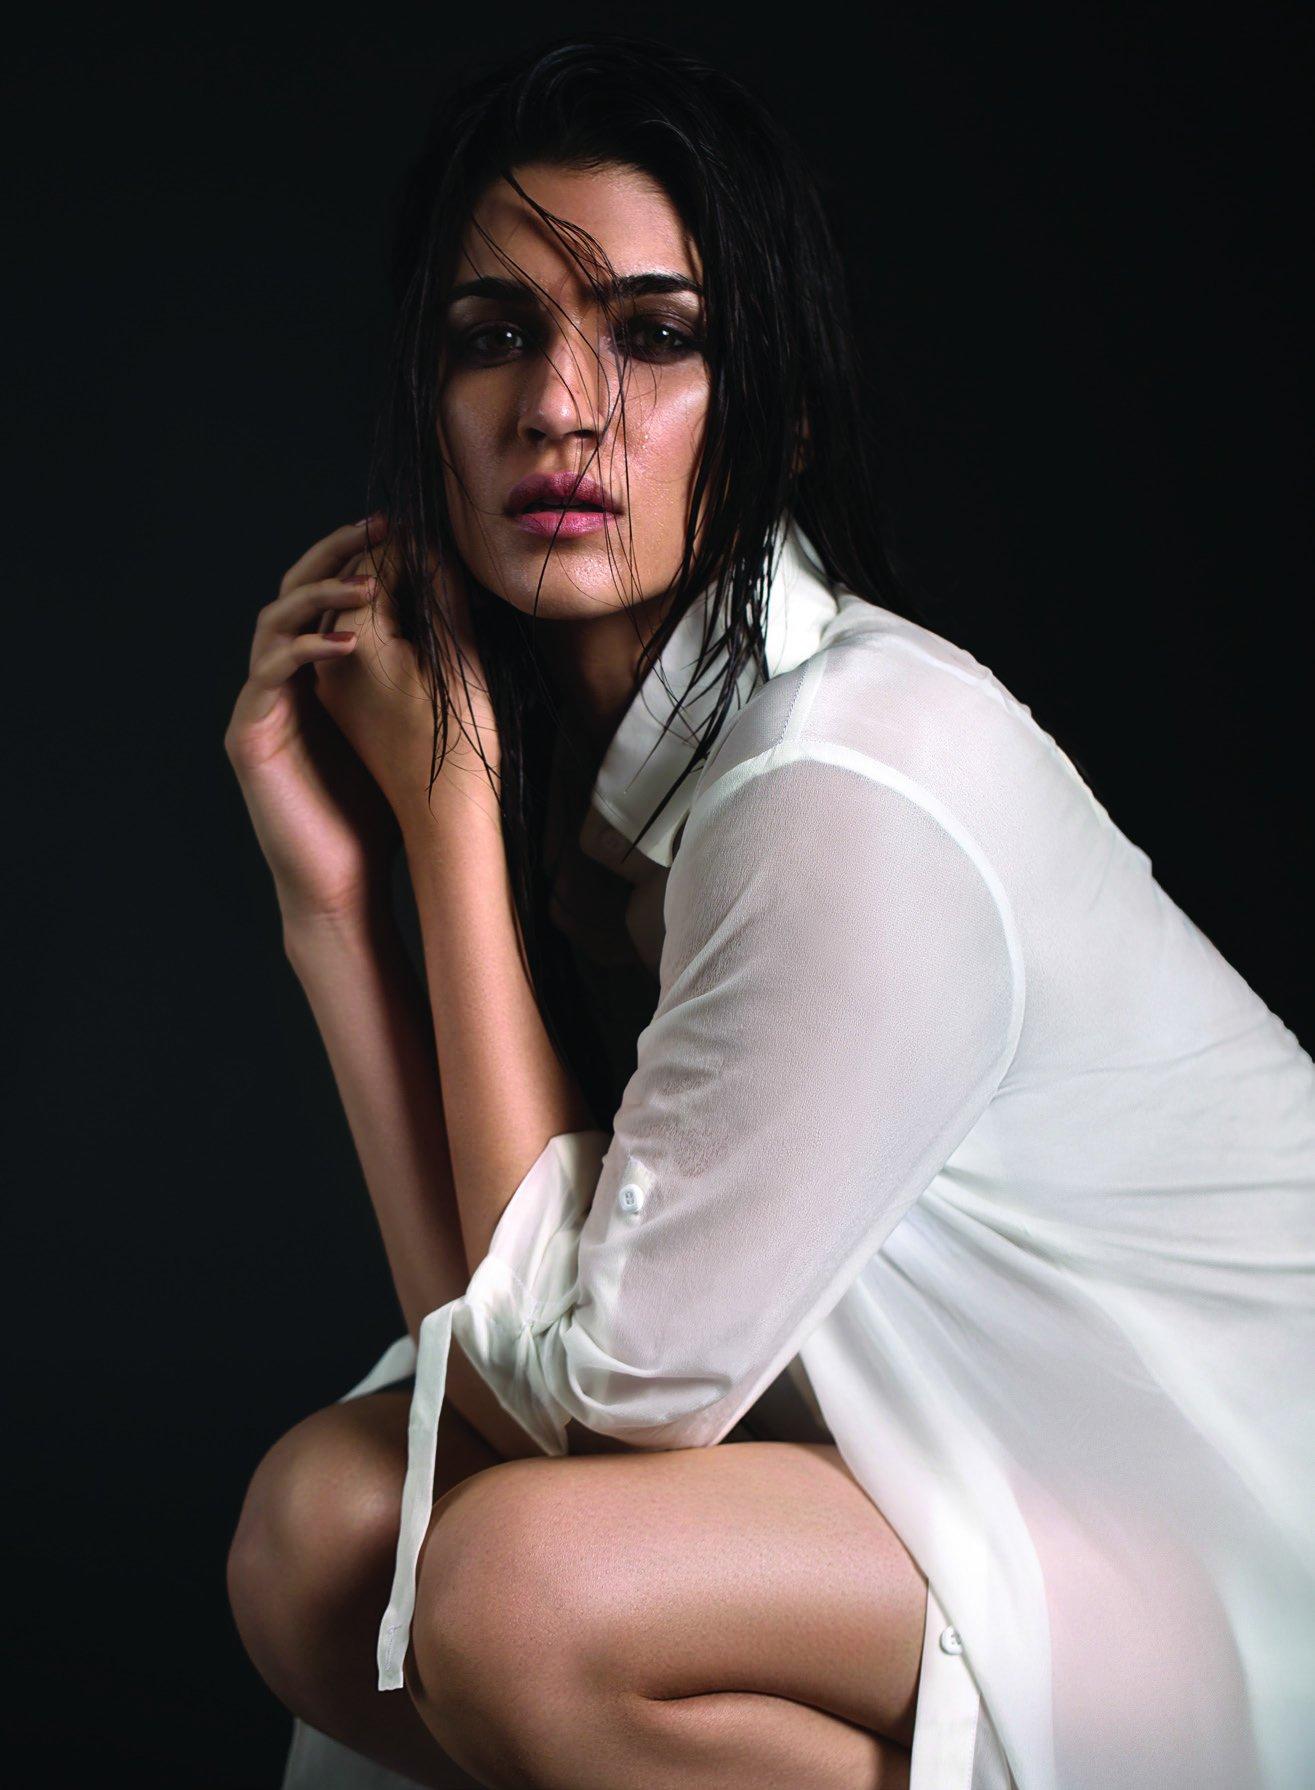 kriti sanon hot photoshoot for fhm magazine ultra hd stills